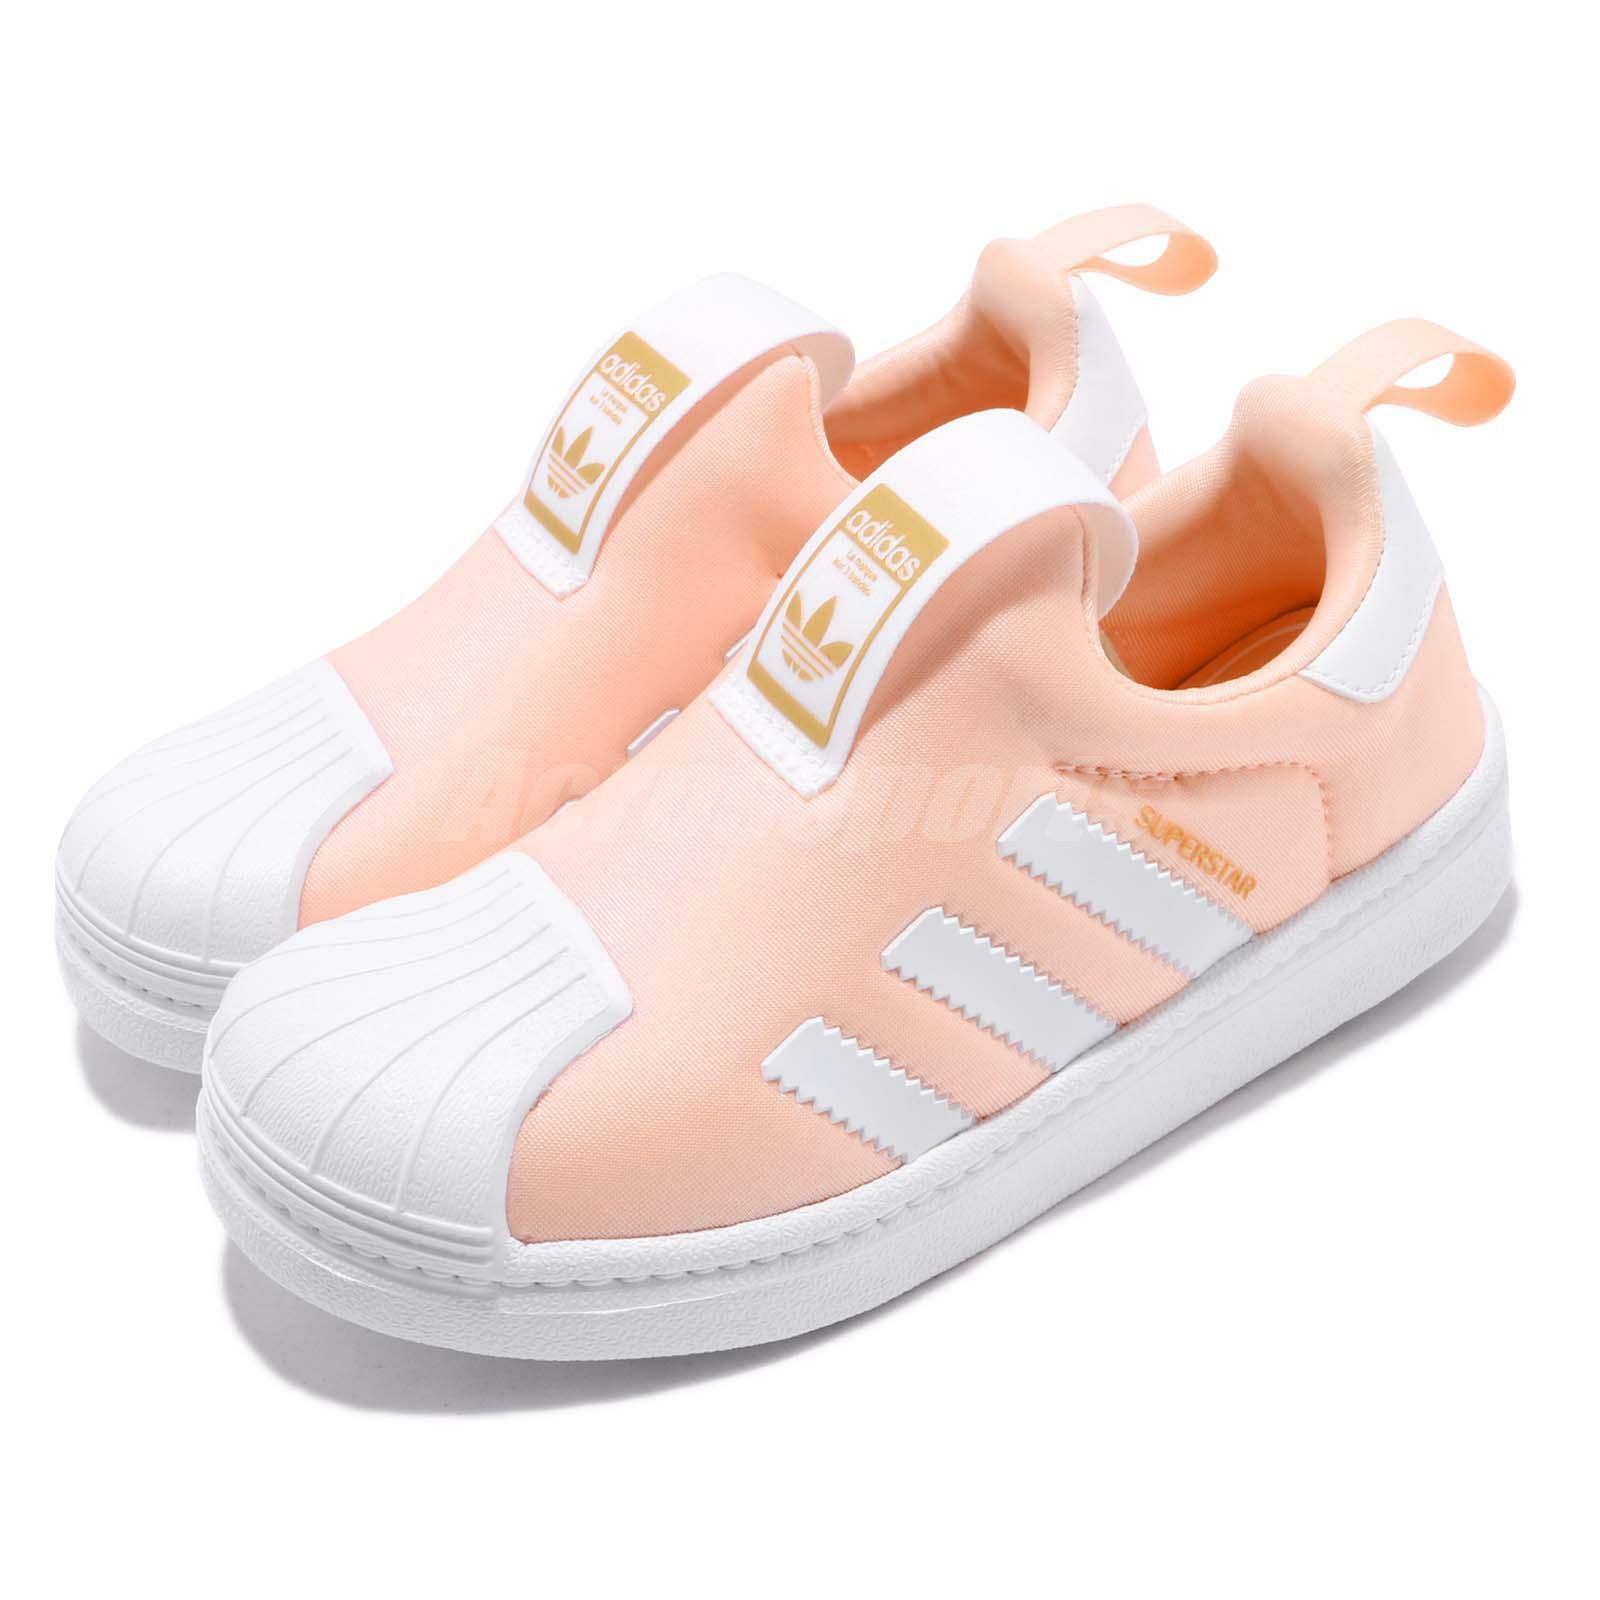 0a3586541 Adidas Originals Superstar Superstar Superstar 360 C Clear orange White Kid  Preschool shoes DB2881 6fef03